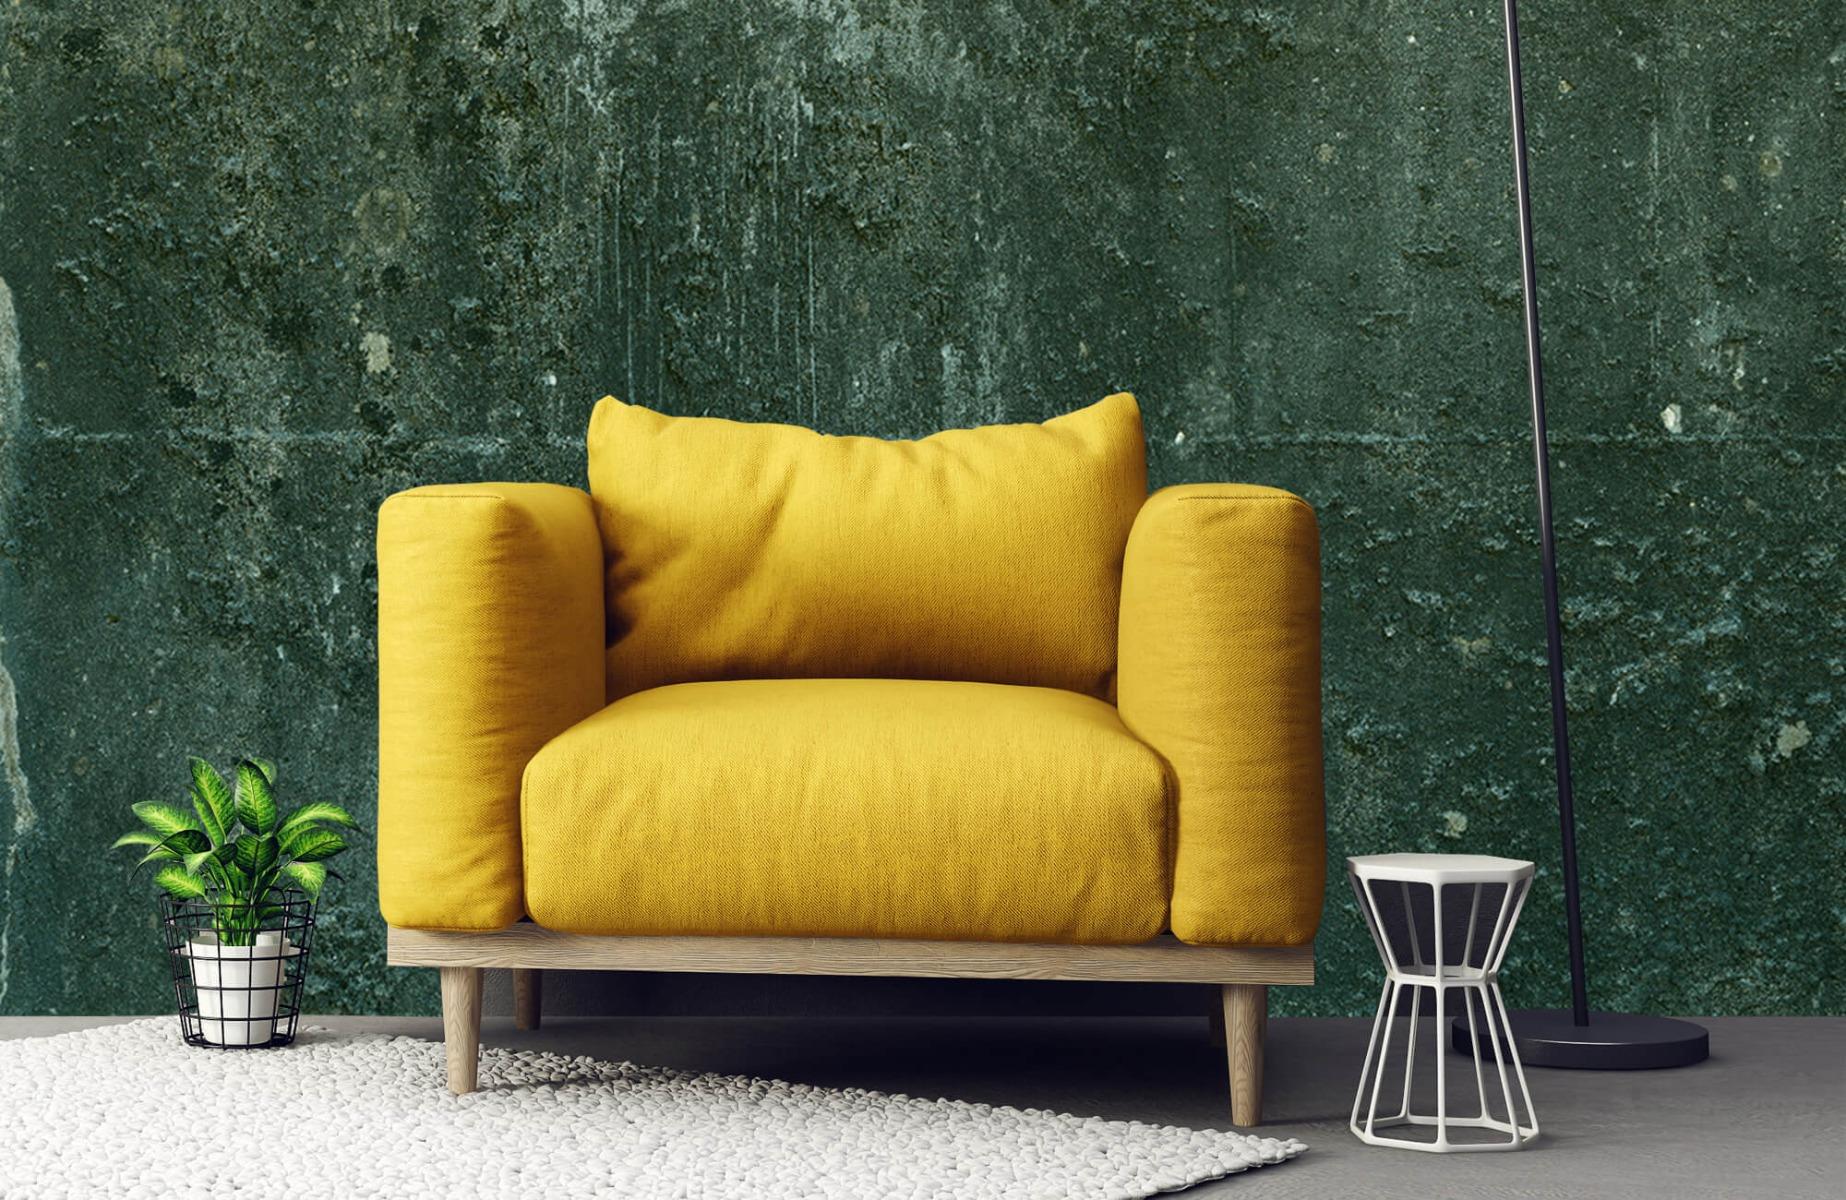 Betonlook behang - Groen betonlook - Hal 1